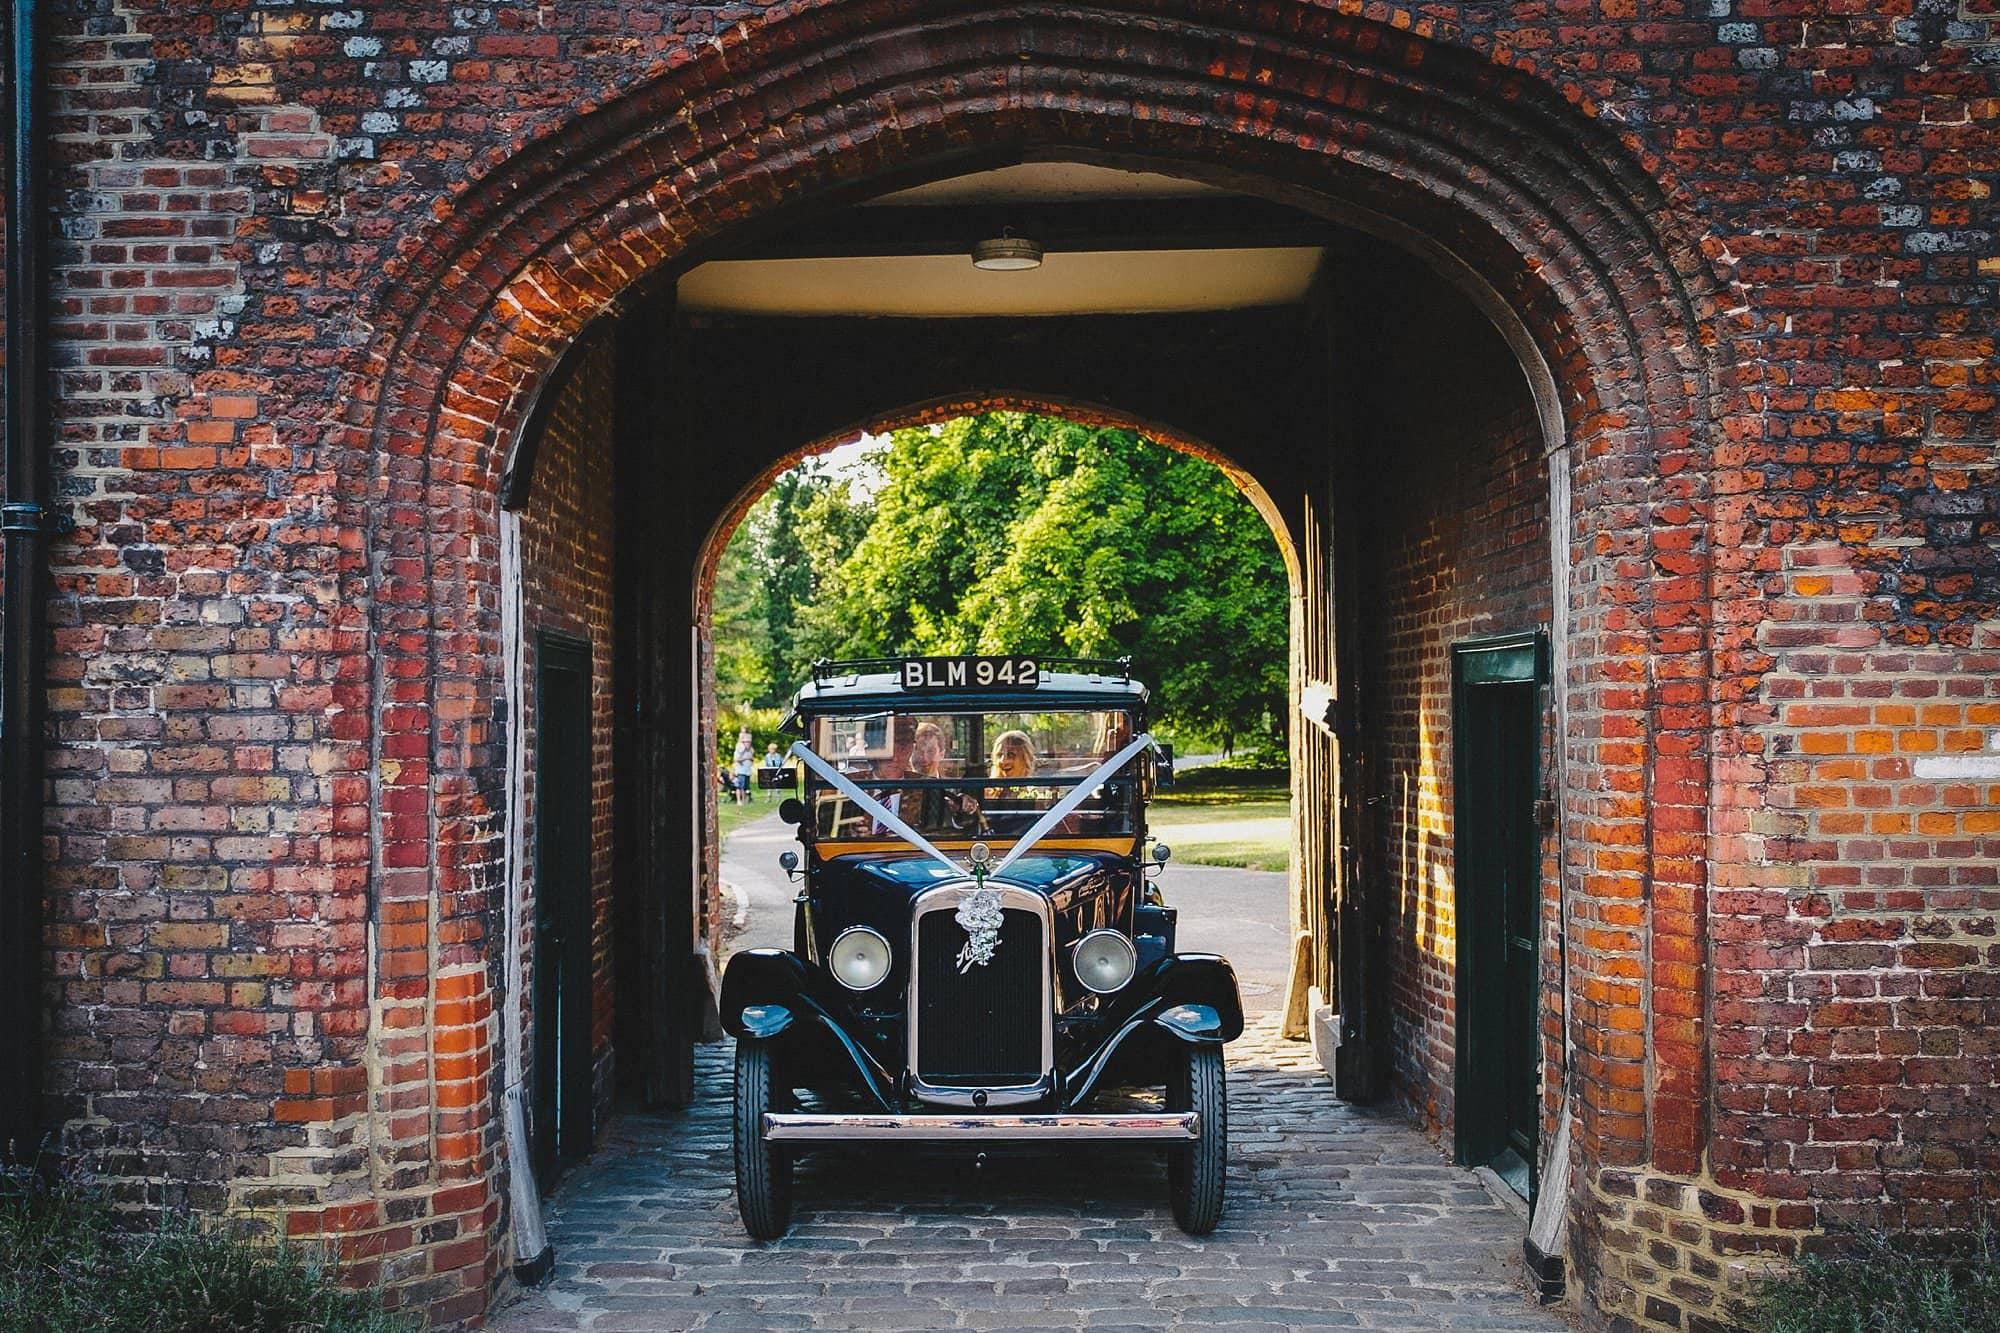 fulham palace wedding photographer 050 - Rosanna & Duncan's Fulham Palace Wedding